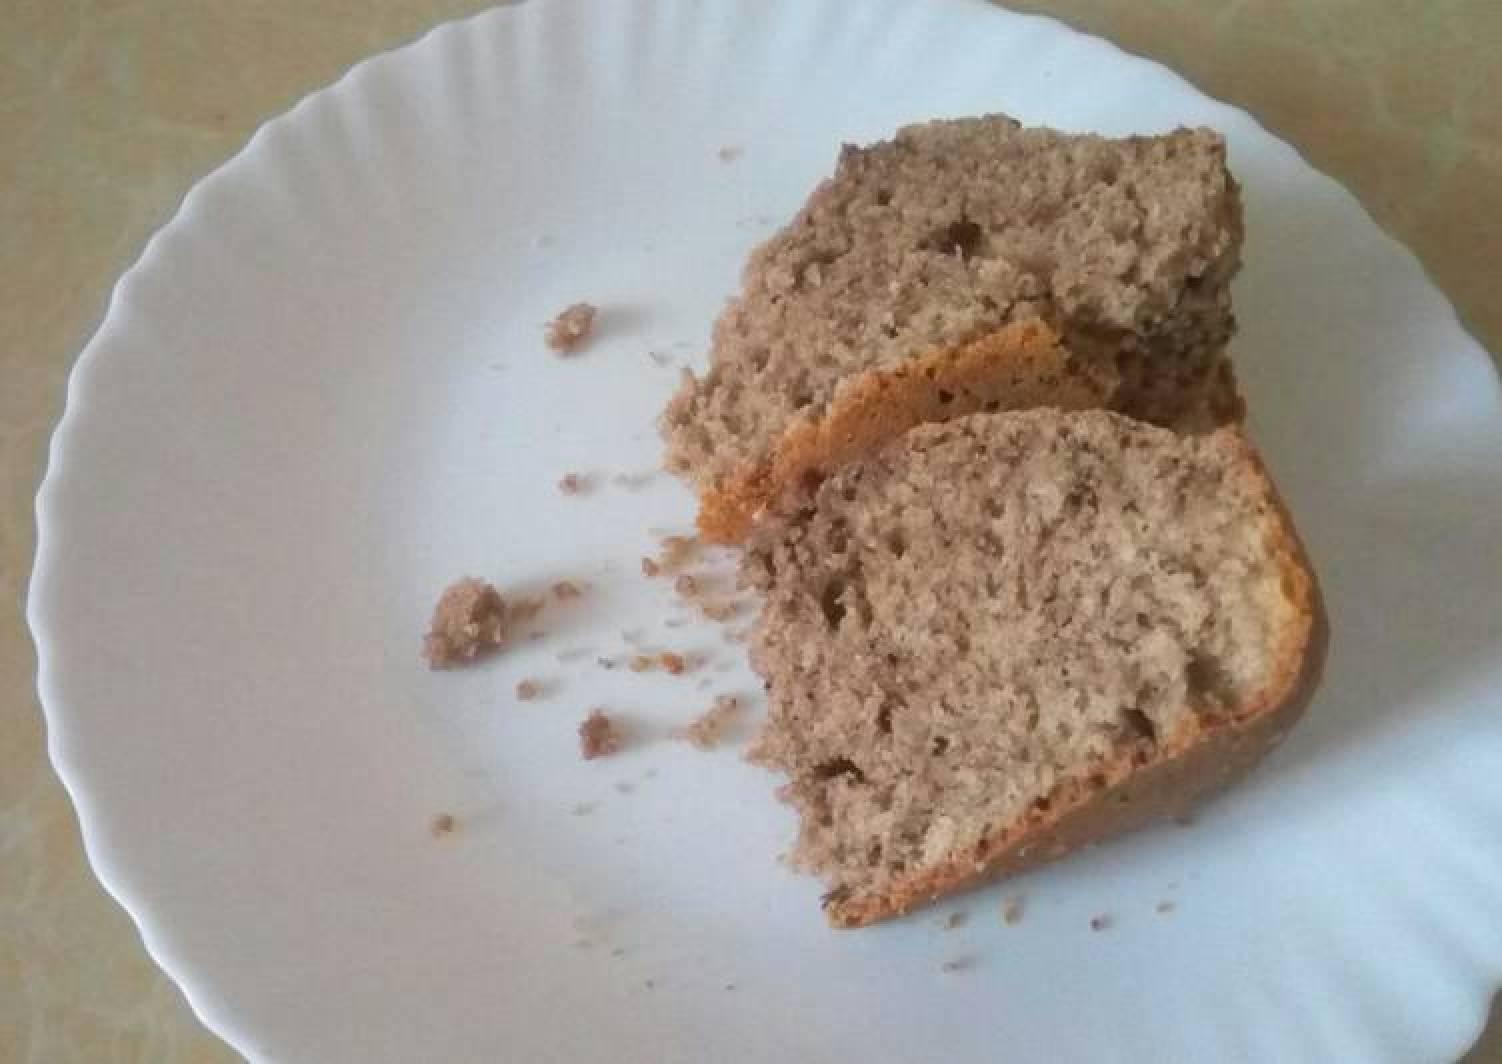 Nutmeg & Cinnamon Cake